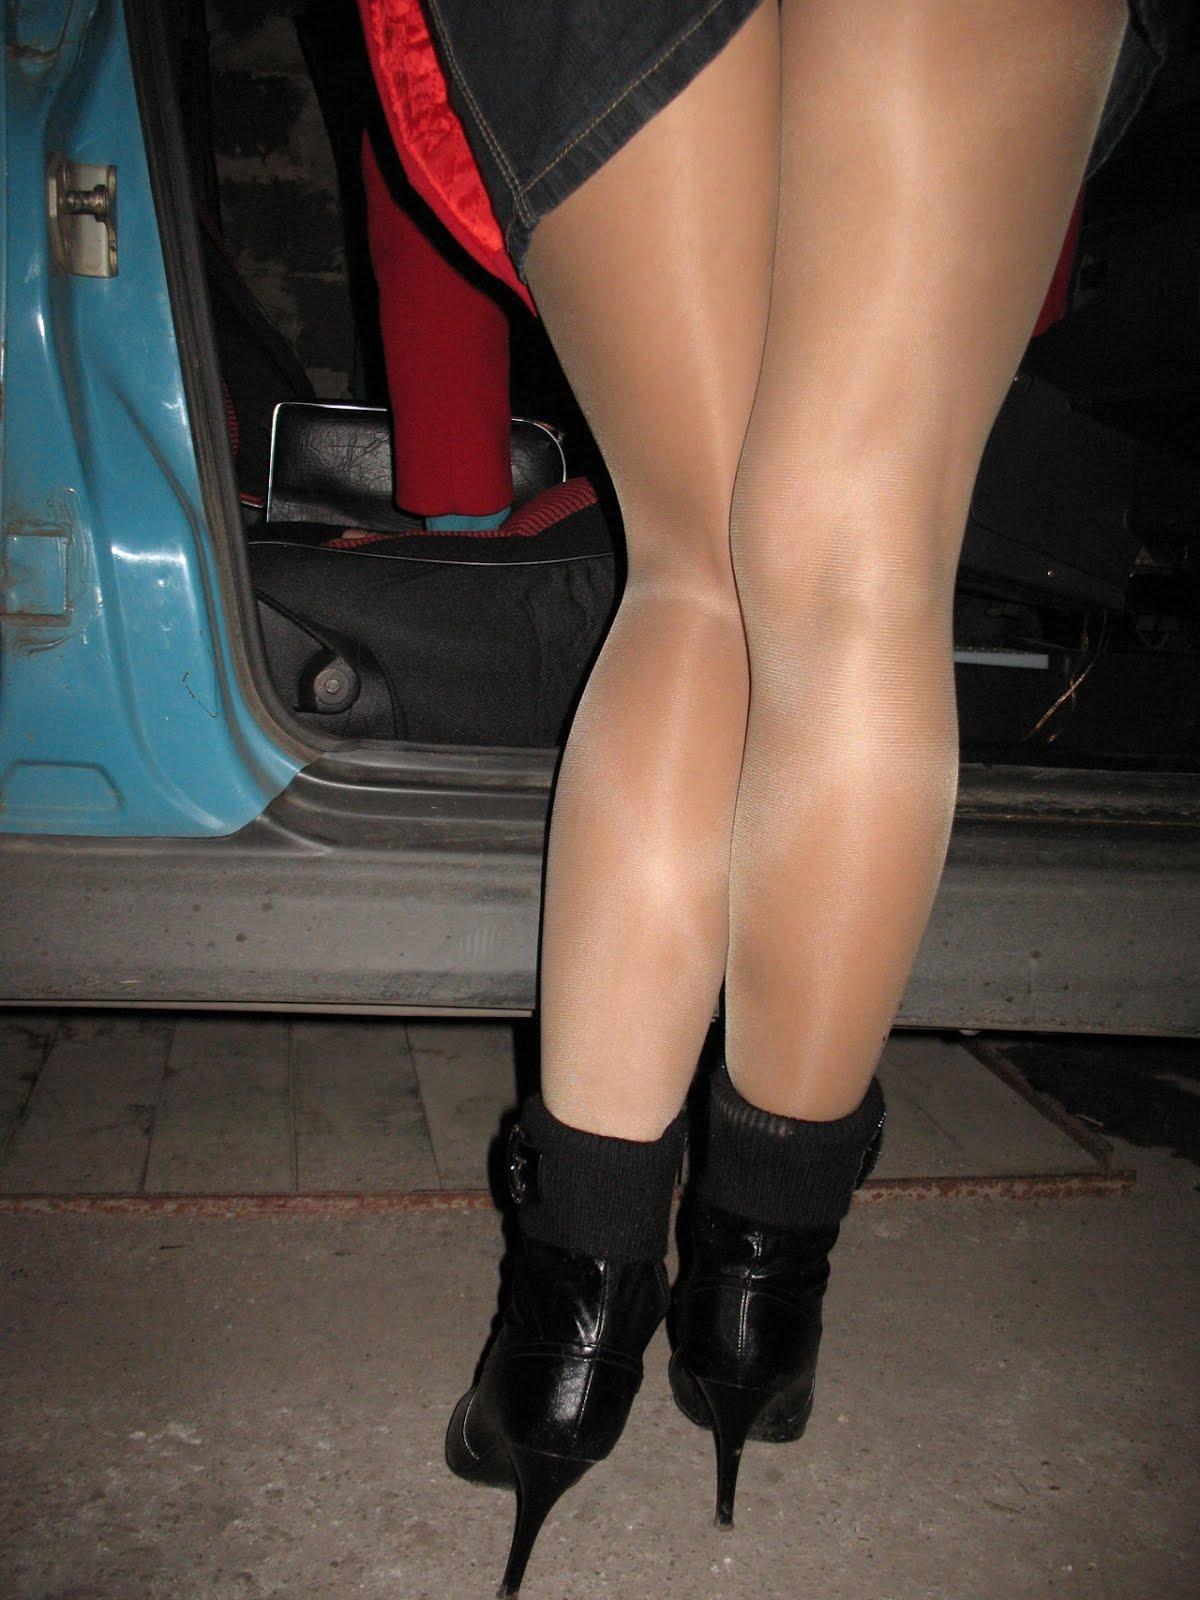 апскирт чаевые колготки нога на ногу прижигания